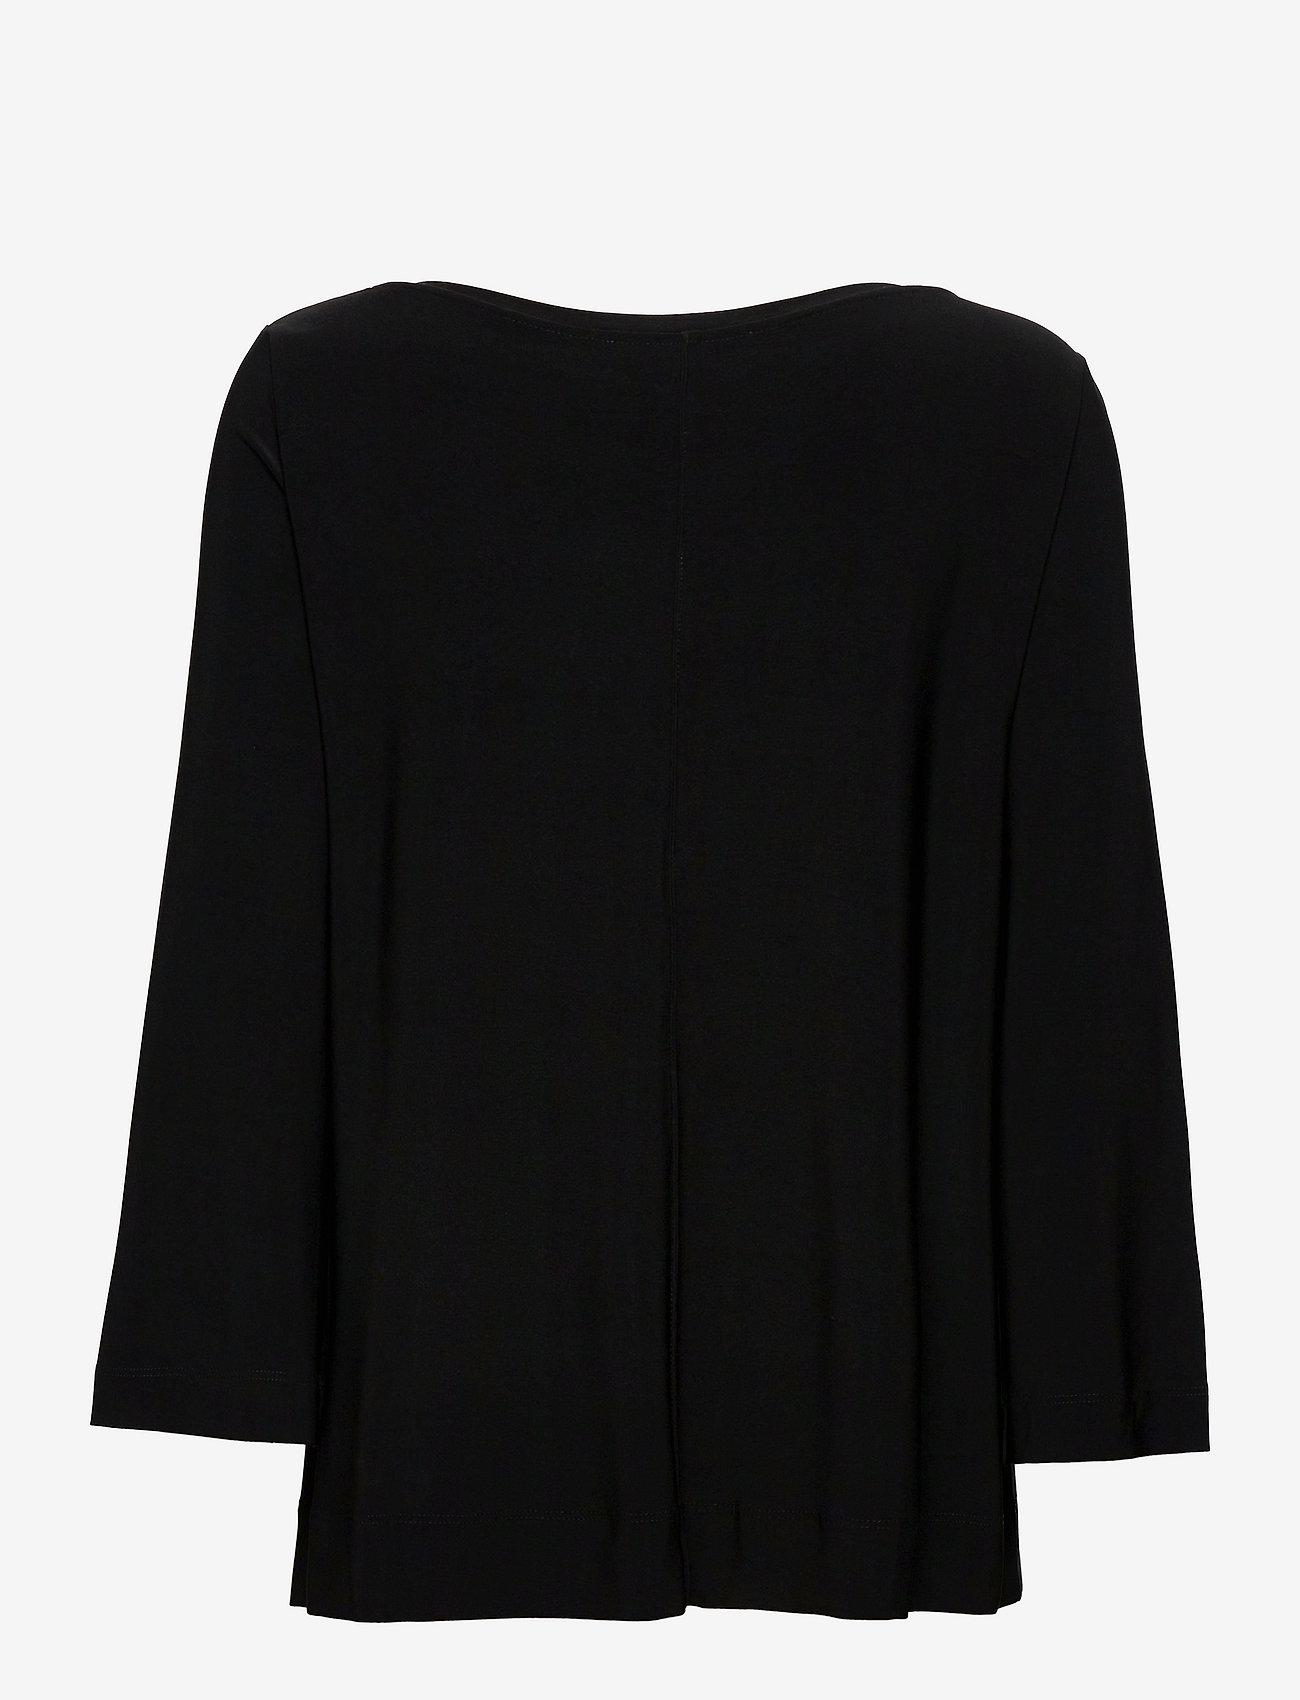 Max Mara Leisure - RIVOLO - long sleeved blouses - black - 1